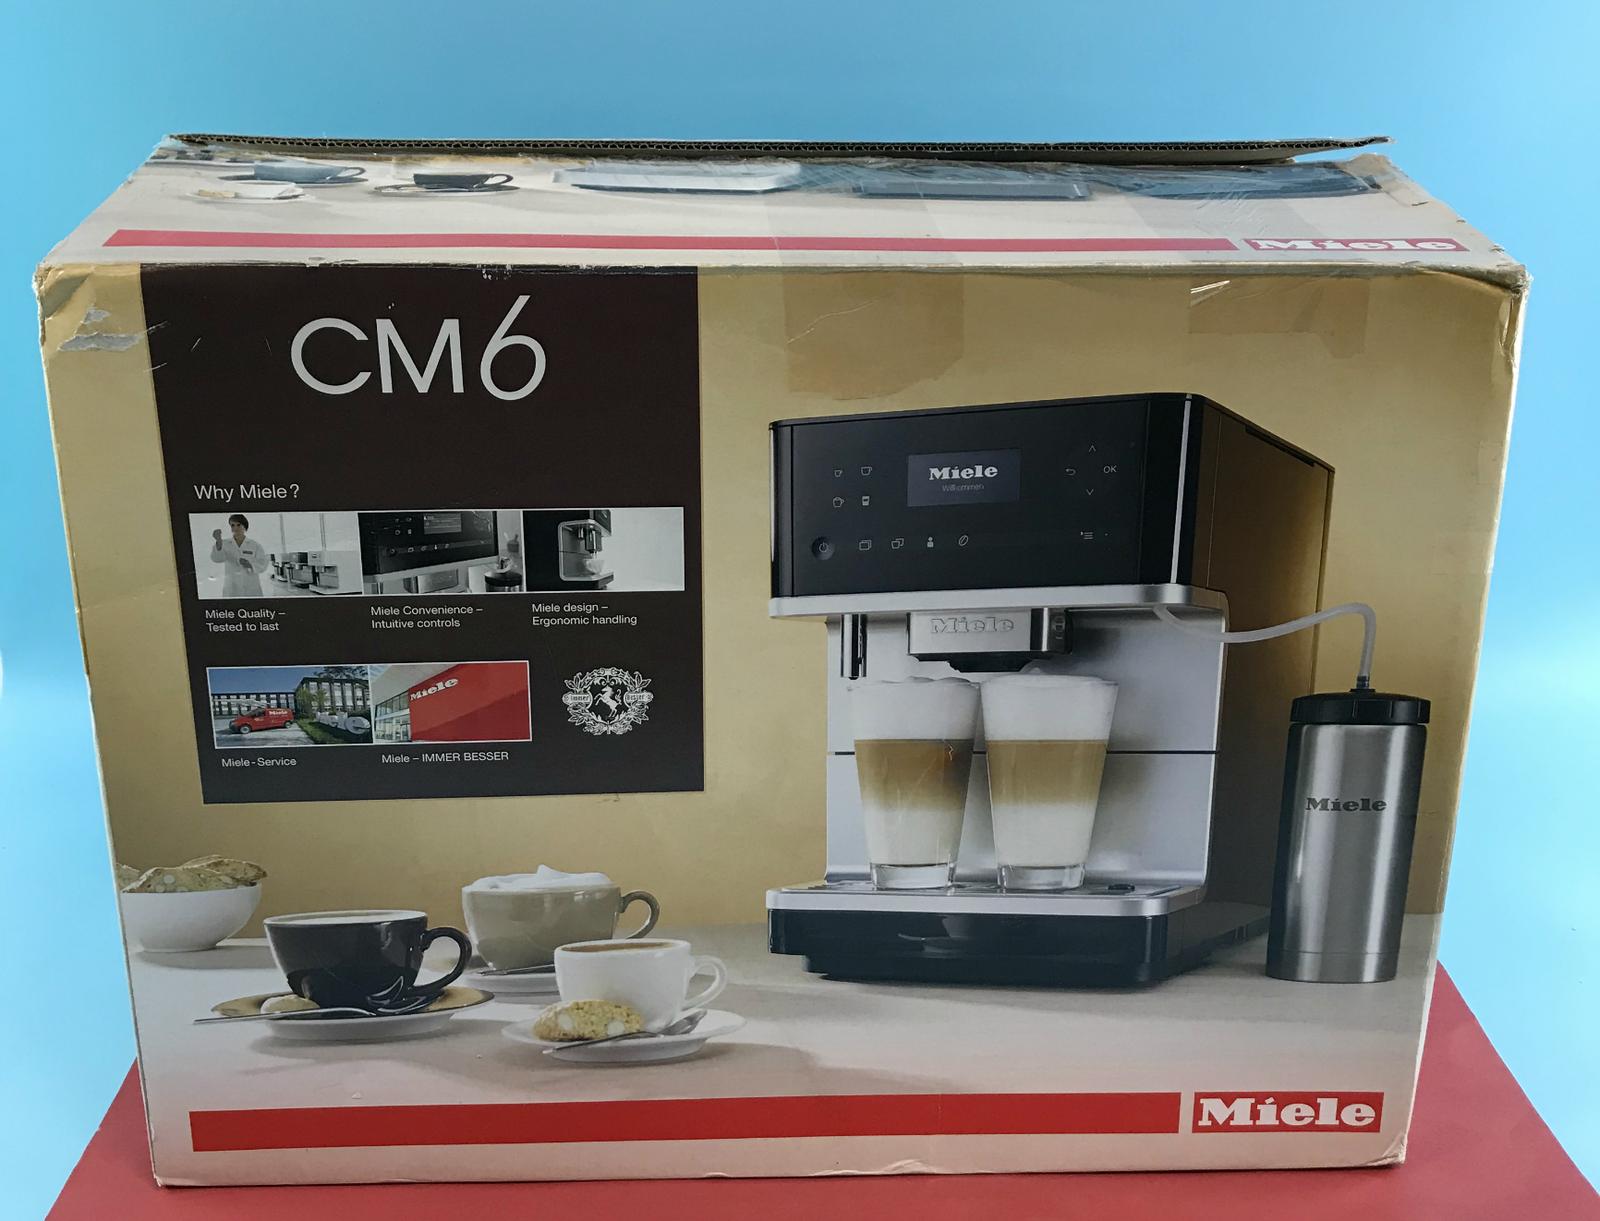 Cappuccino Machine Cappuccinomachine Miele Cm6350 Countertop Automatic Coffee Espresso Cappuccino Machine U8823 Ideas Of Espresso Machine Espressomachine En 2020